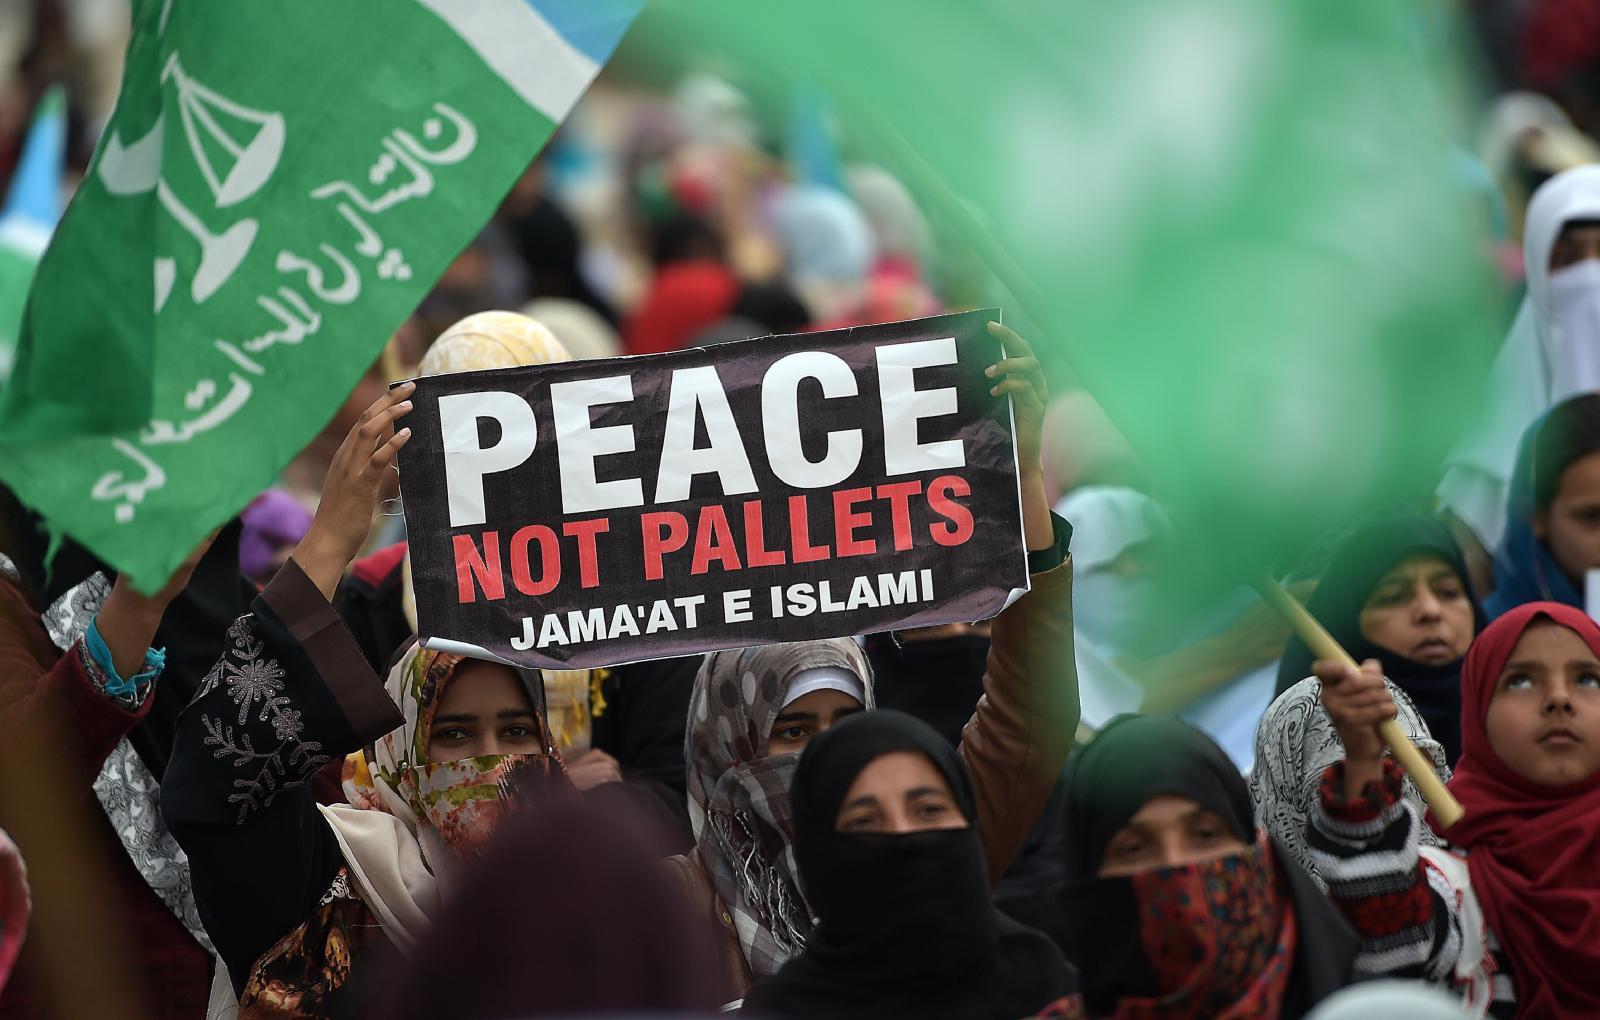 กระทรวงการต่างประเทศ แถลงเรียกร้องให้อินเดีย - ปากีสถานหาทางออกอย่างสันติ